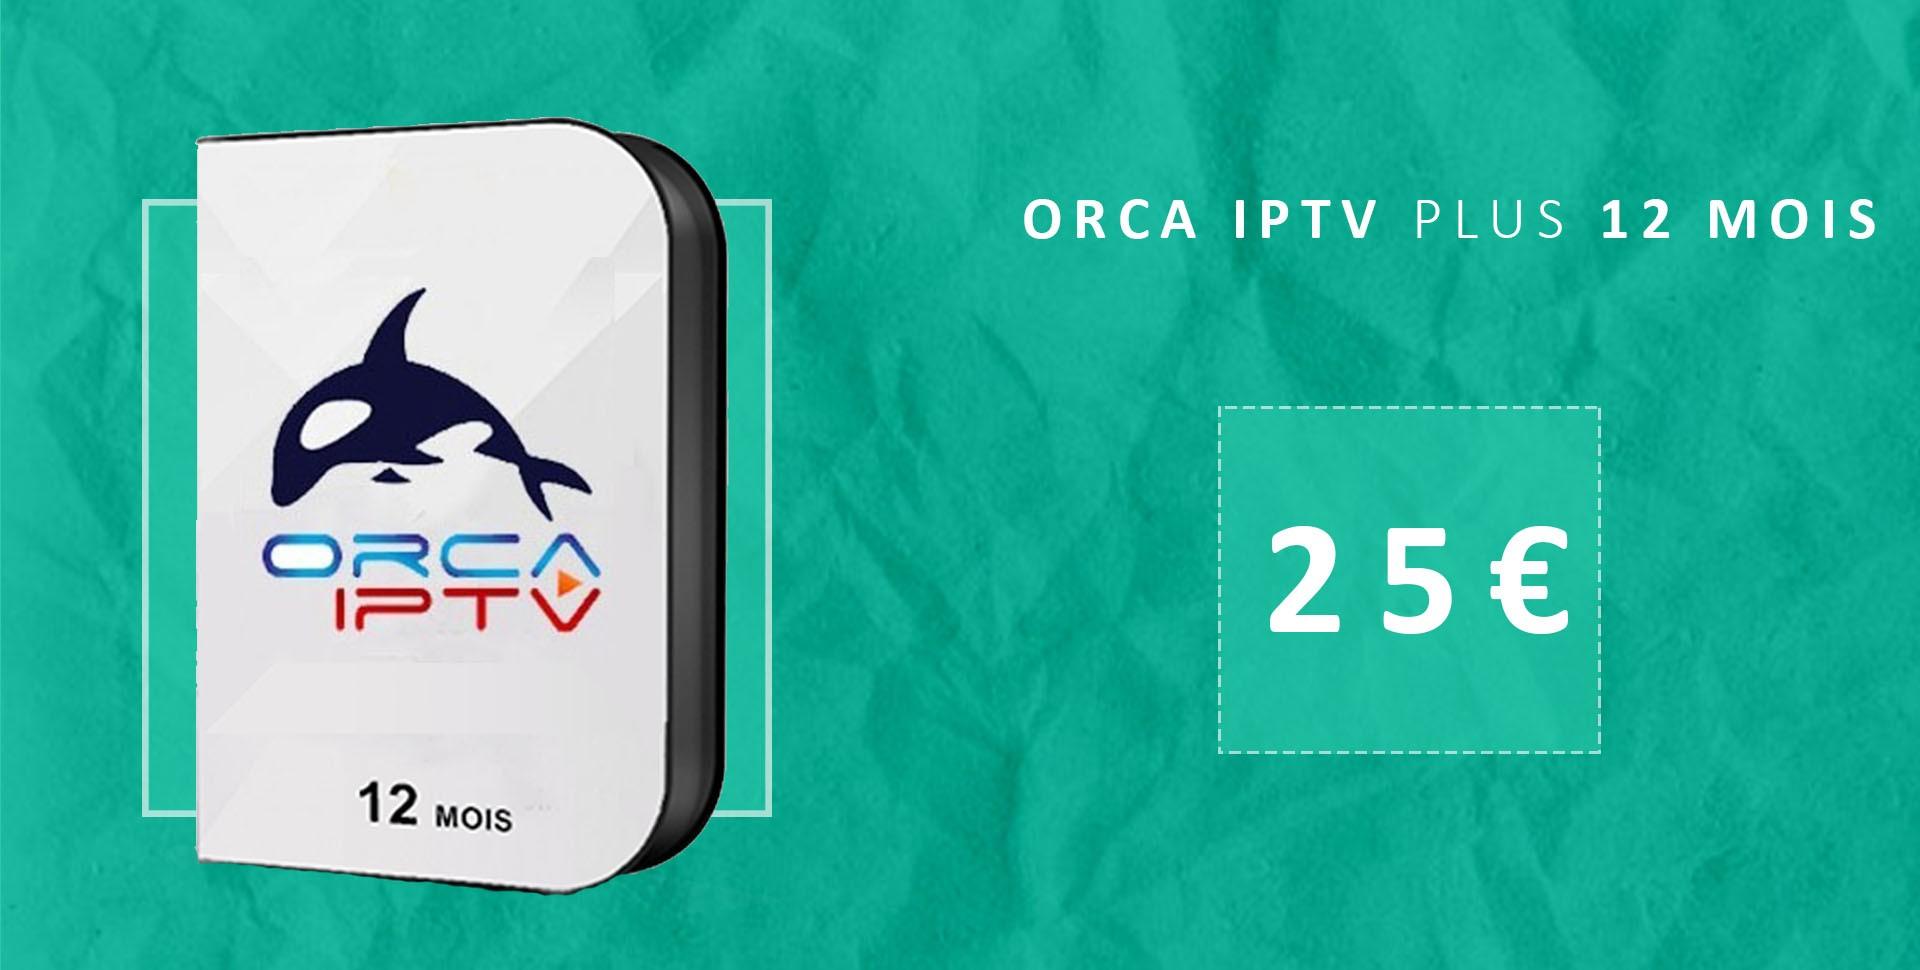 Abonnement orca plus iptv